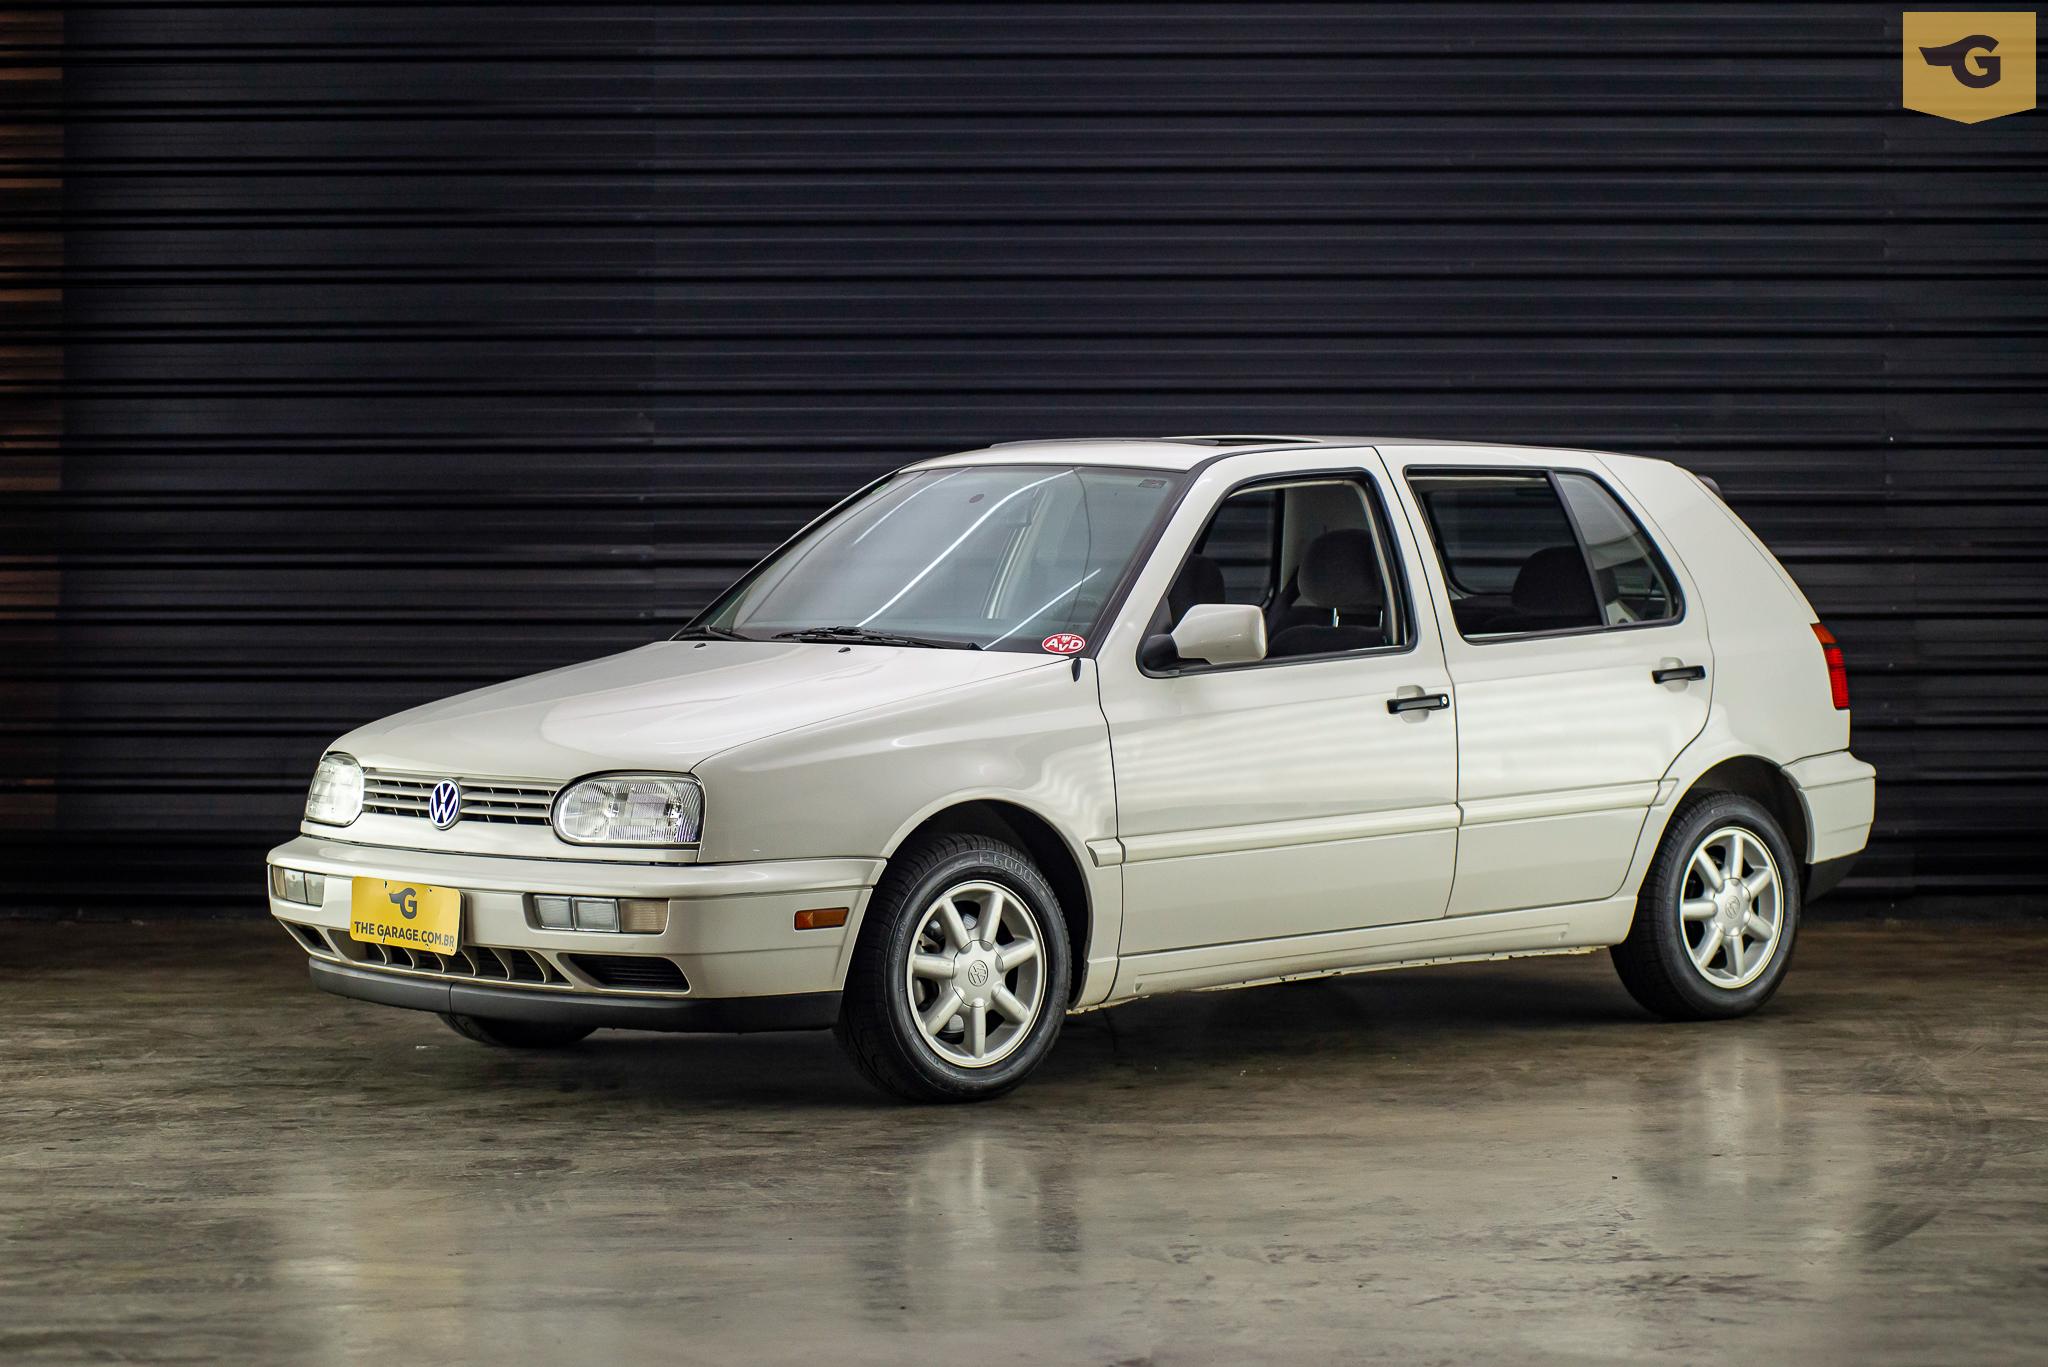 1997-vw-golf-gtx-2.0-mi-a-venda-sao-paulo-sp-for-sale-the-garage-classicos-a-venda-loja-de-carros-antigos--21